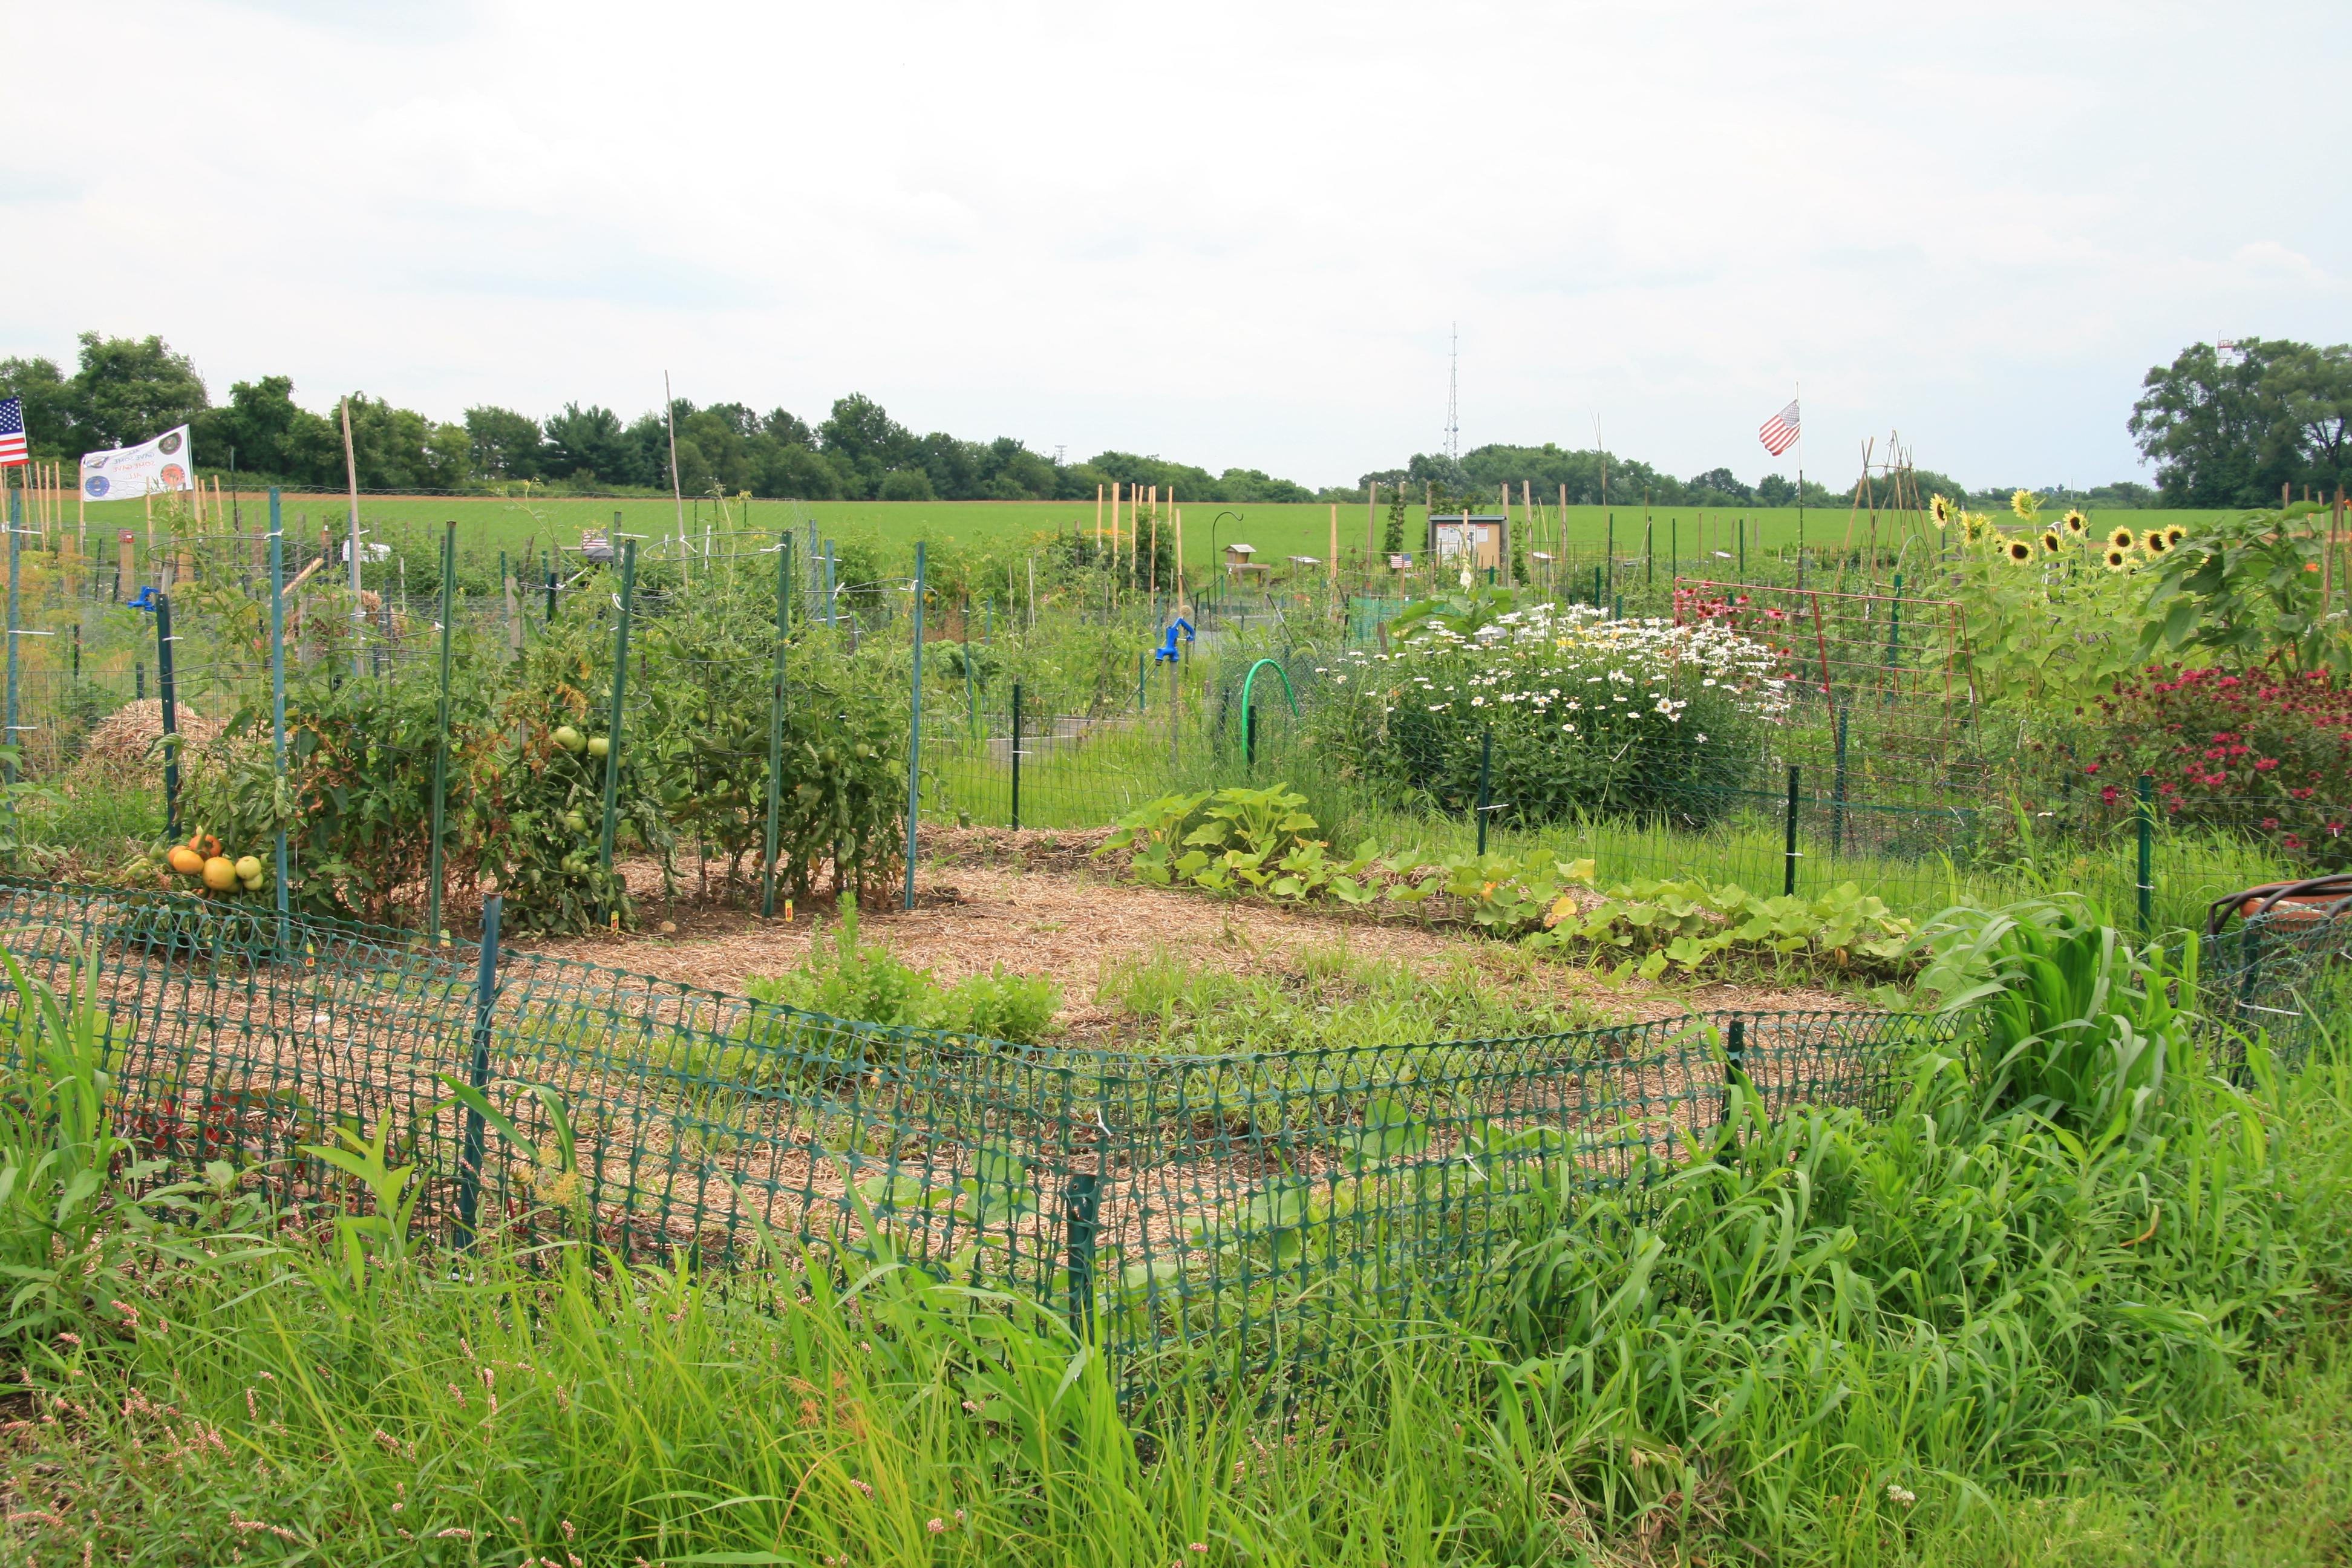 Master gardener burlington county nj garden ftempo for The gardener burlington